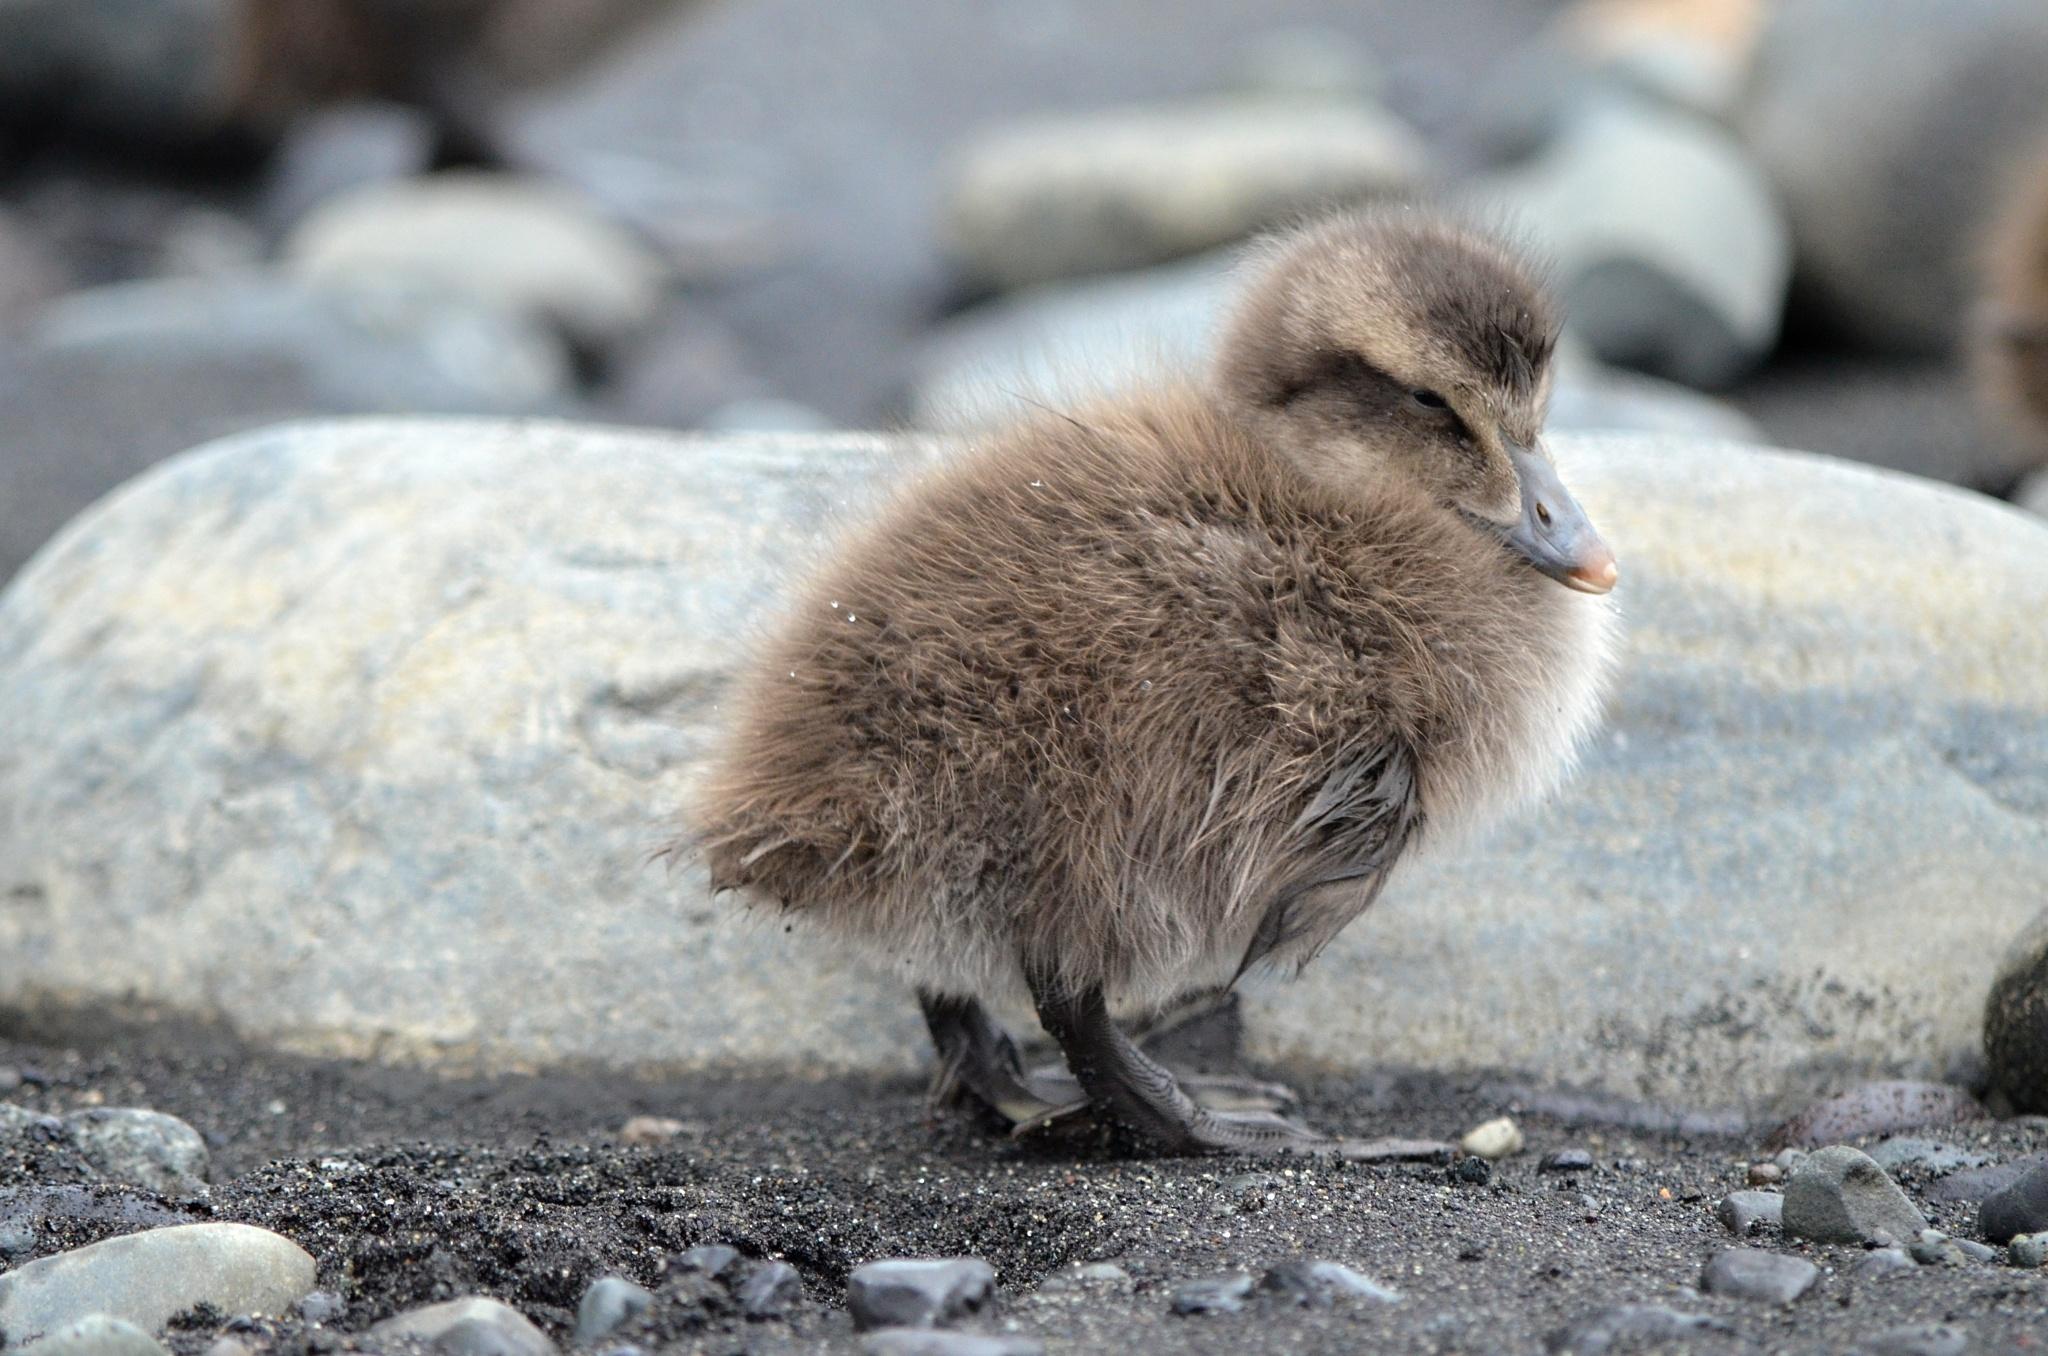 Jedno ochmýřené ptačí miminko